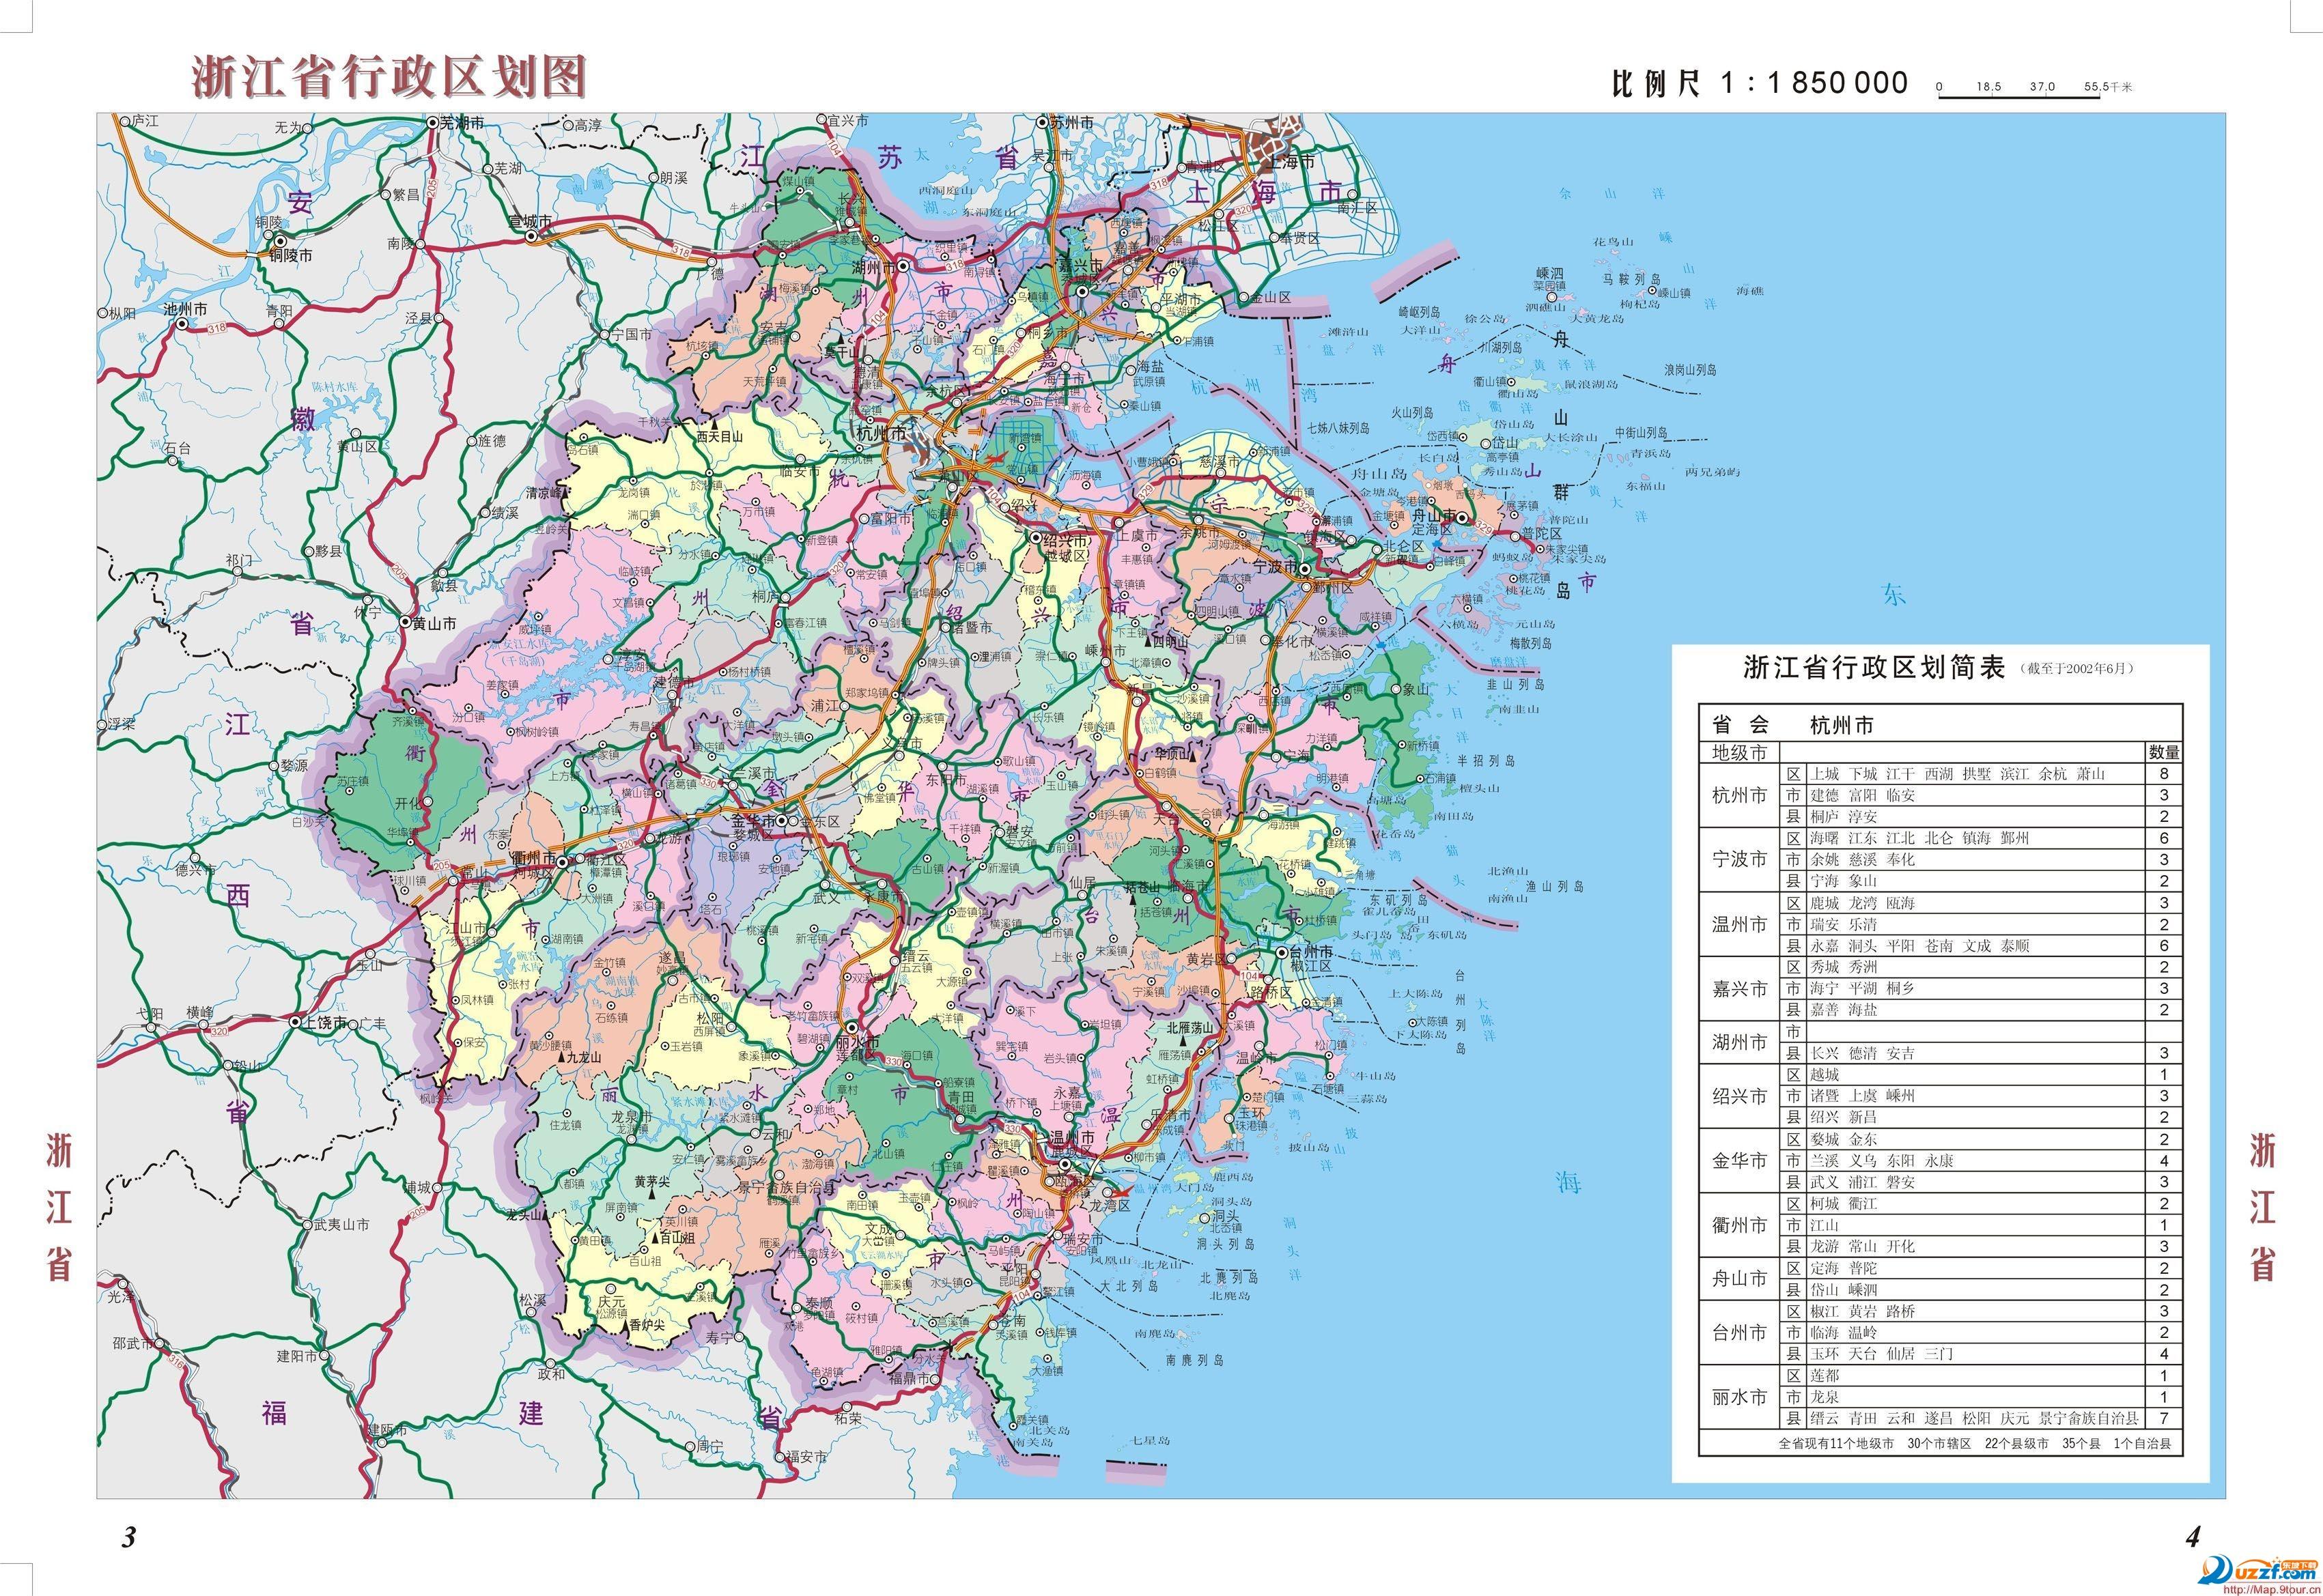 浙江旅游地图高清版大图